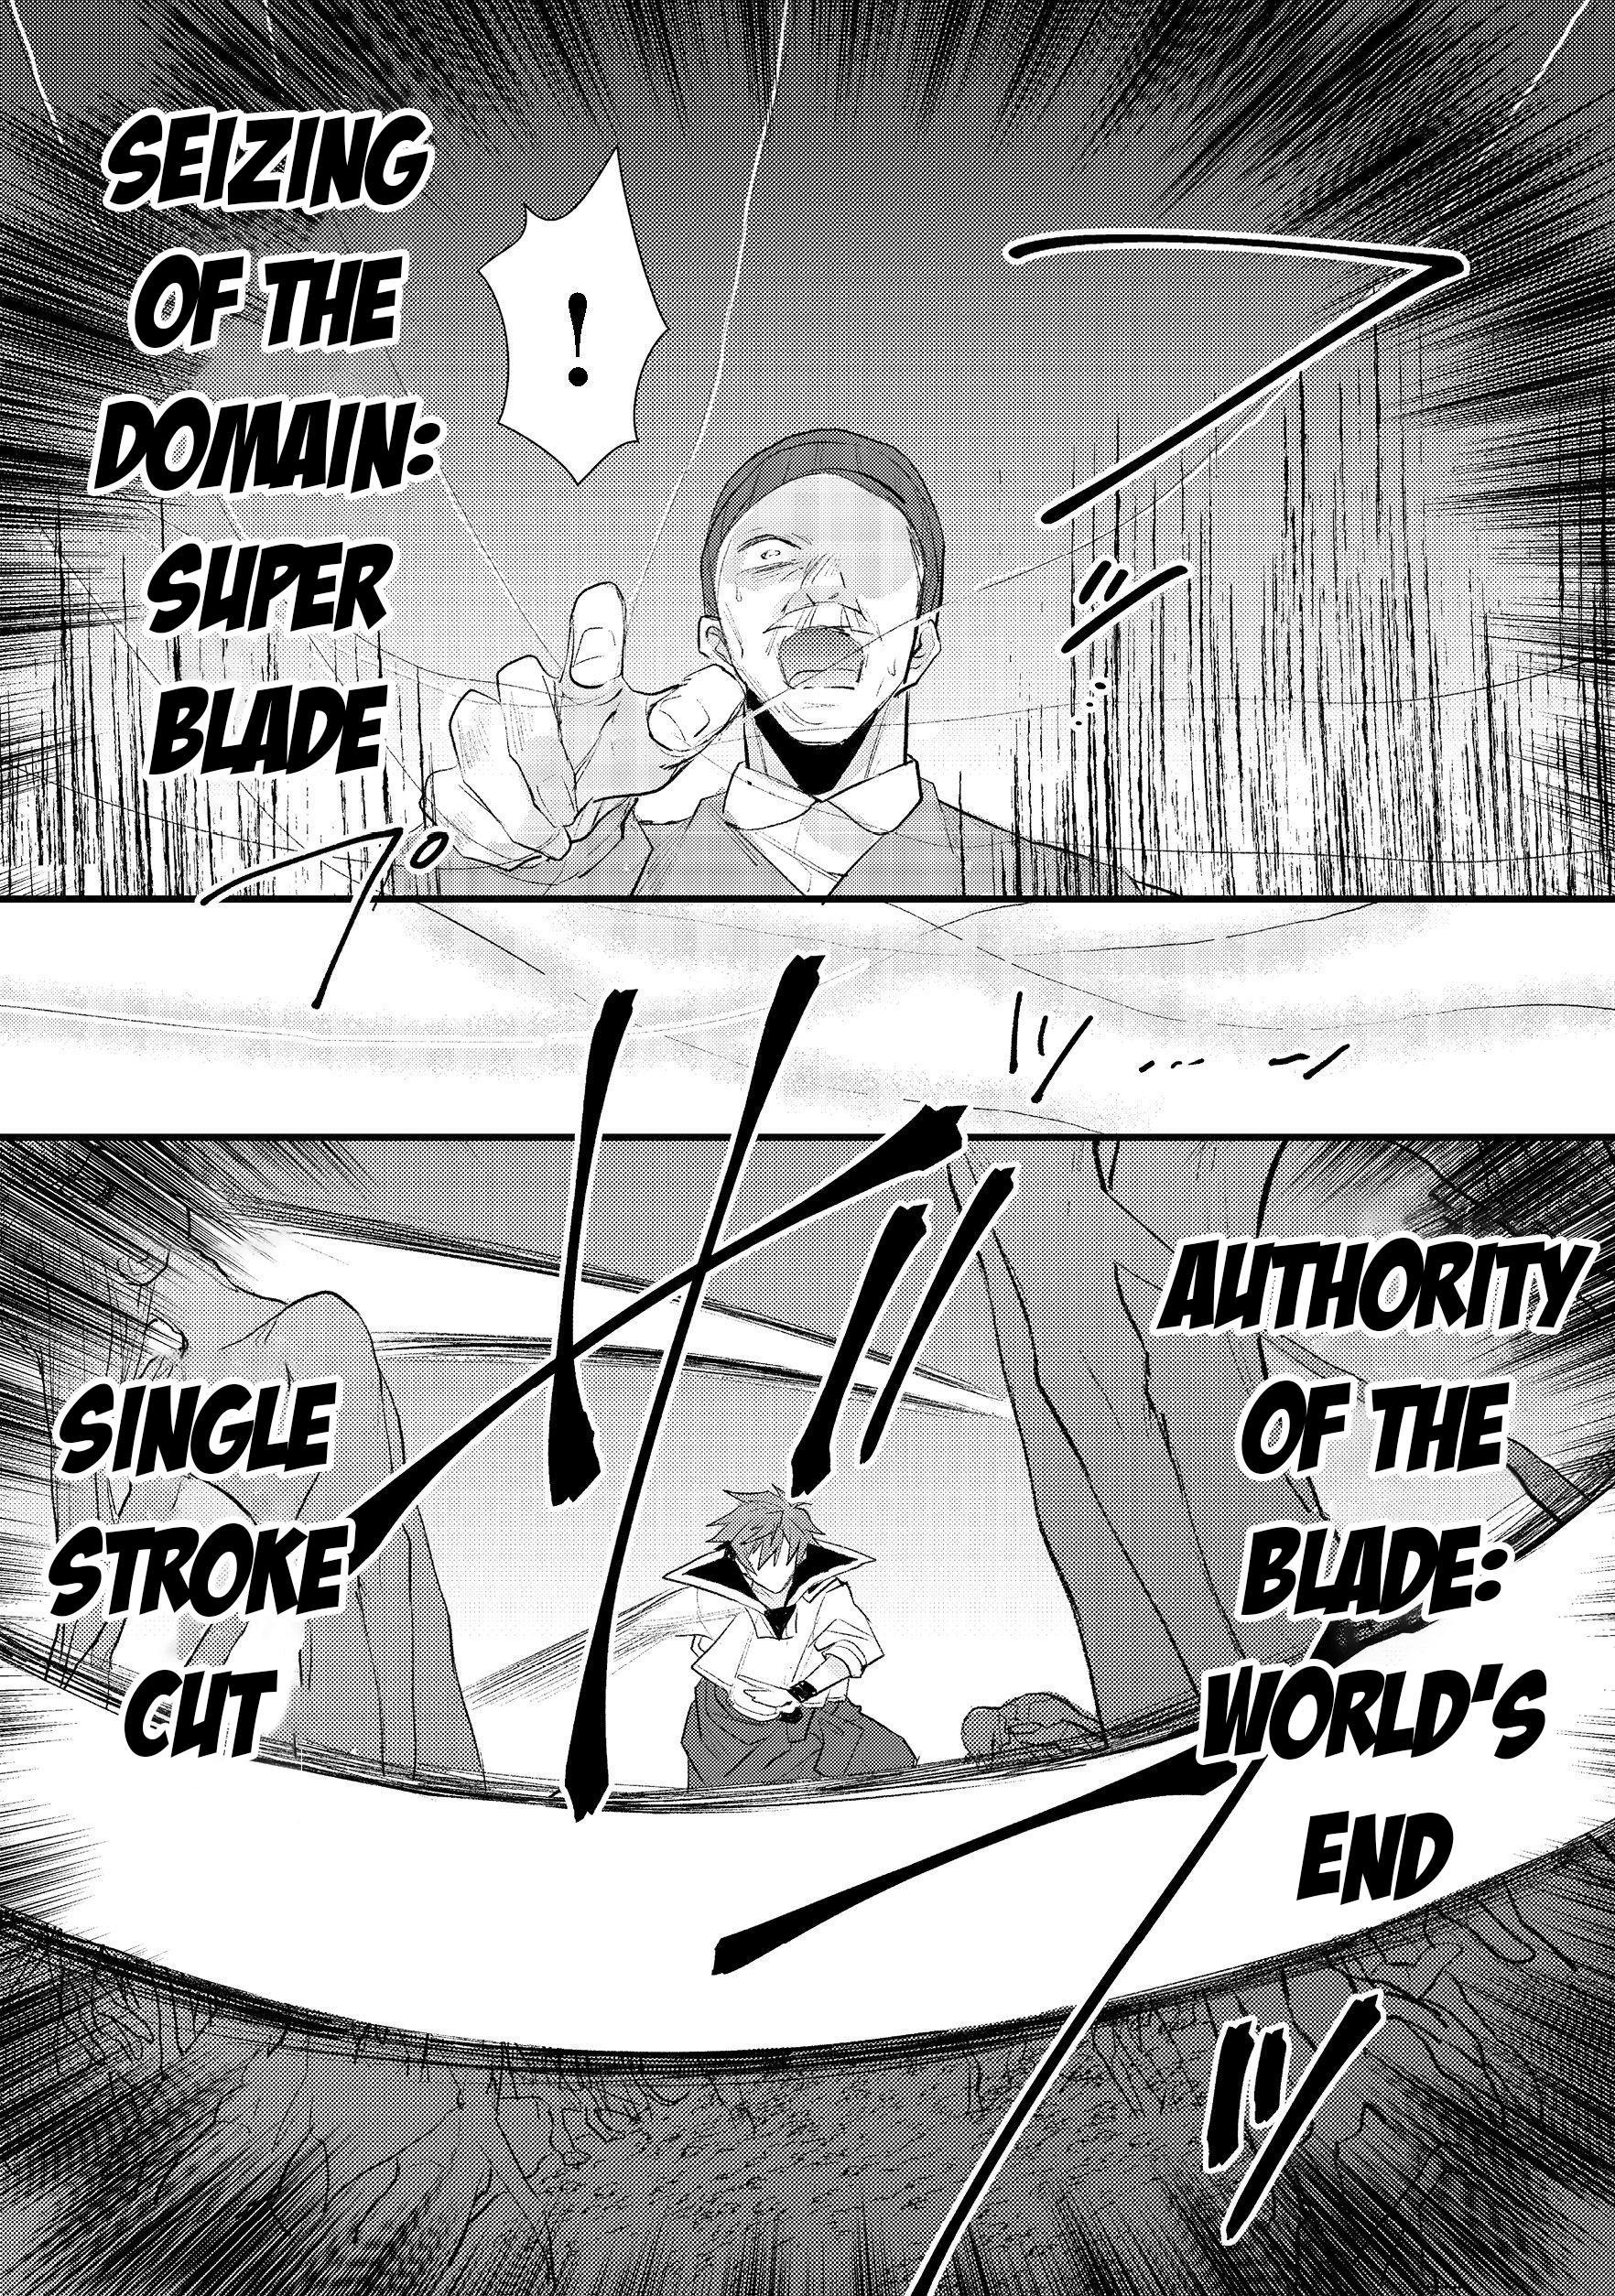 Dekisokonai To Yobareta Moto Eiyuu Wa, Jikka Kara Tsuihousareta No De Suki Katte Ni Ikiru Koto Ni Shita Chapter 13.1 page 9 - Mangakakalots.com